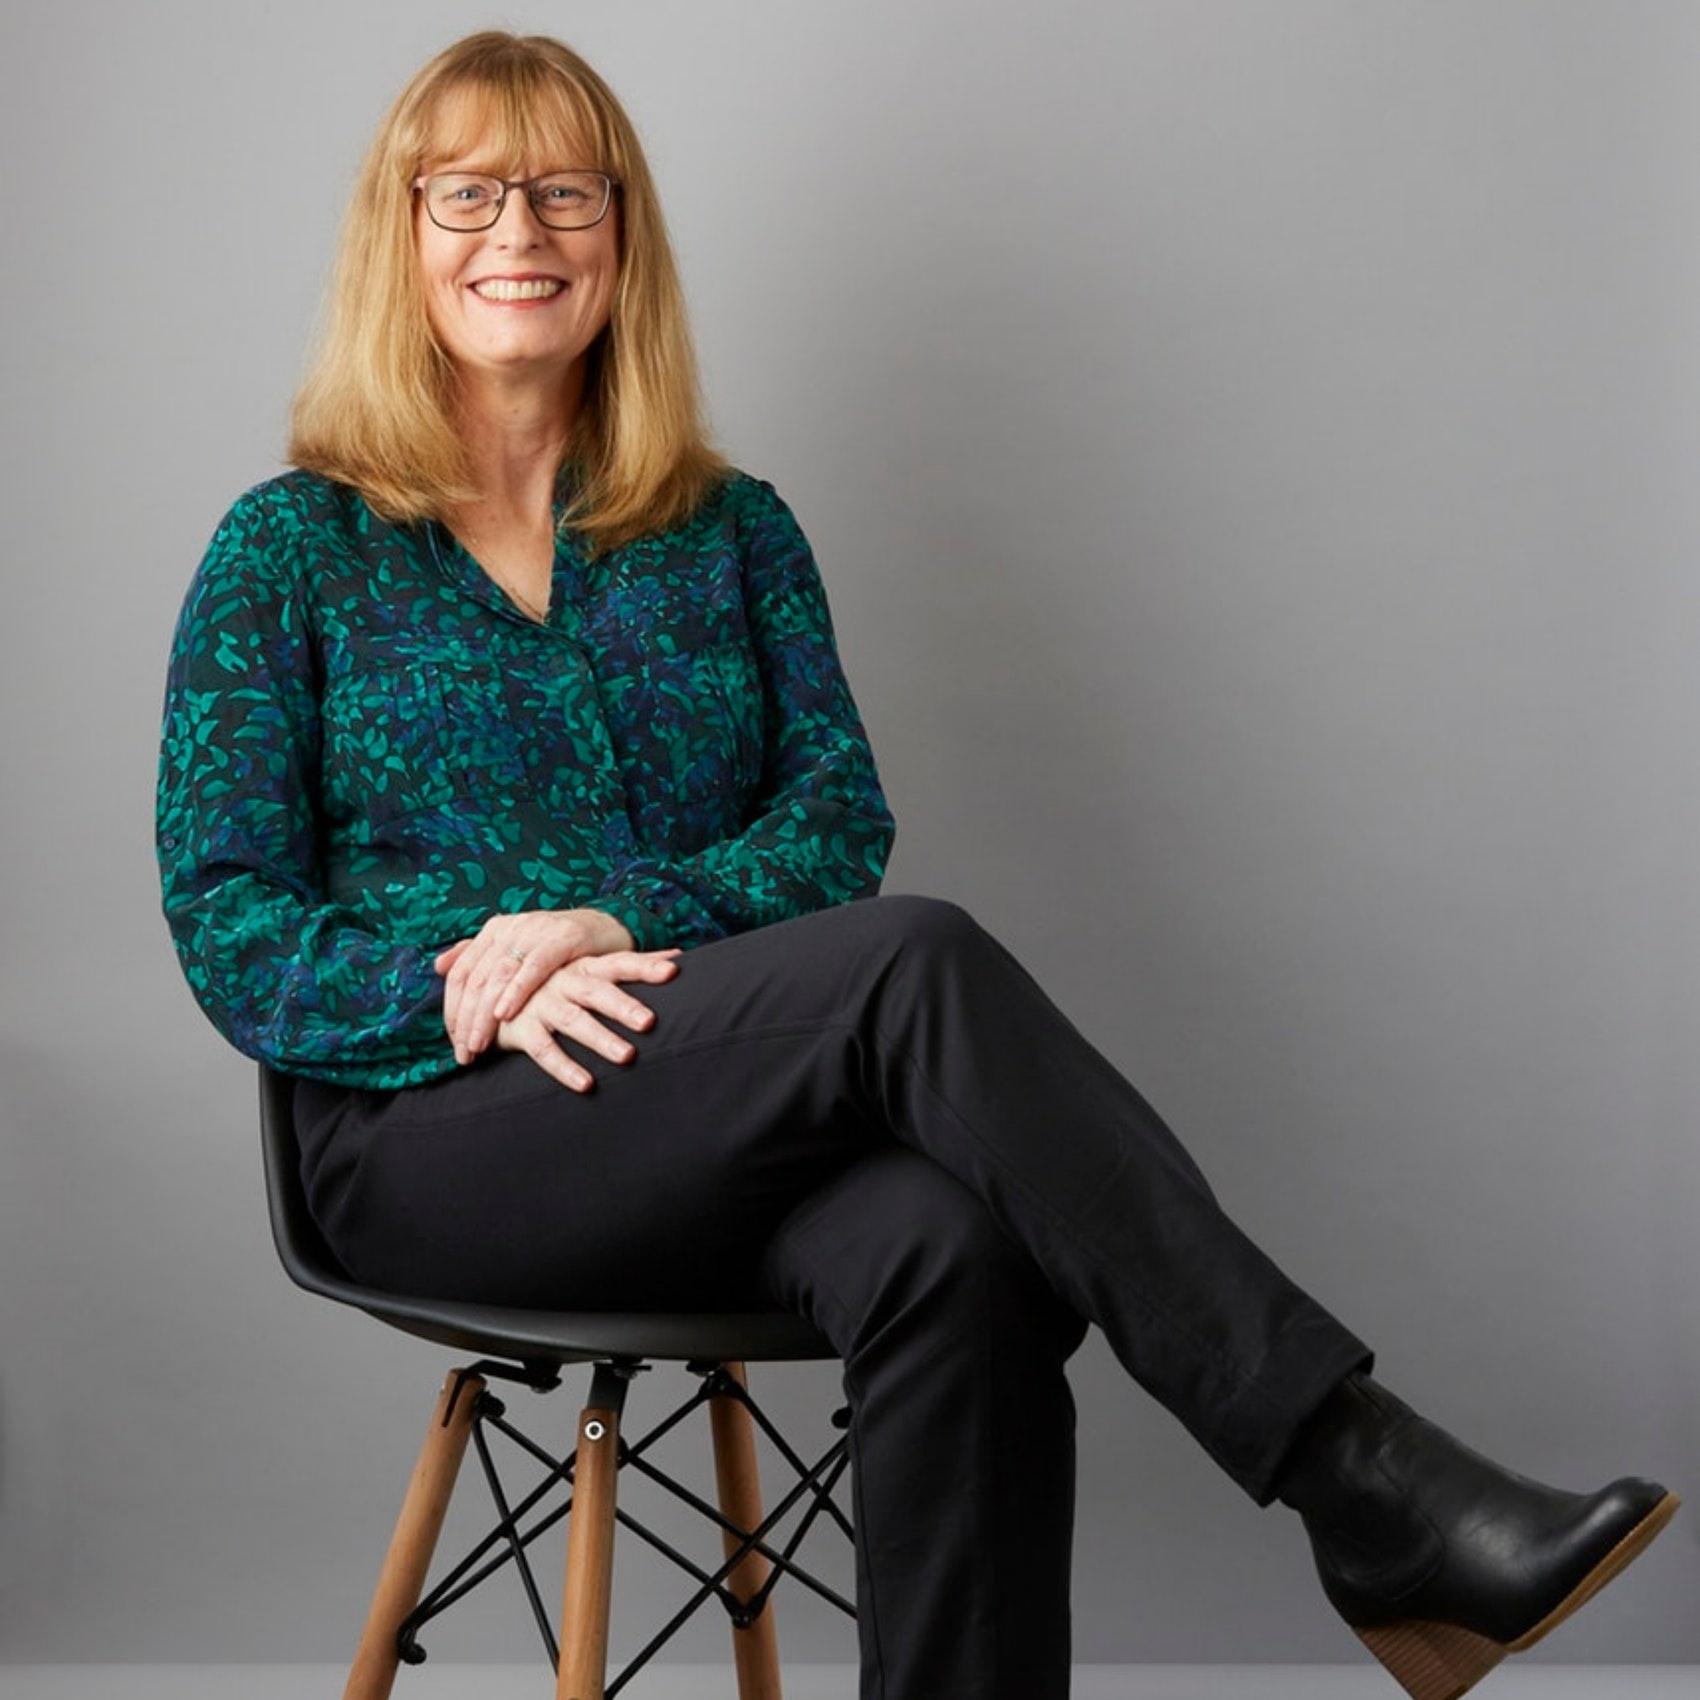 Jane Hurst